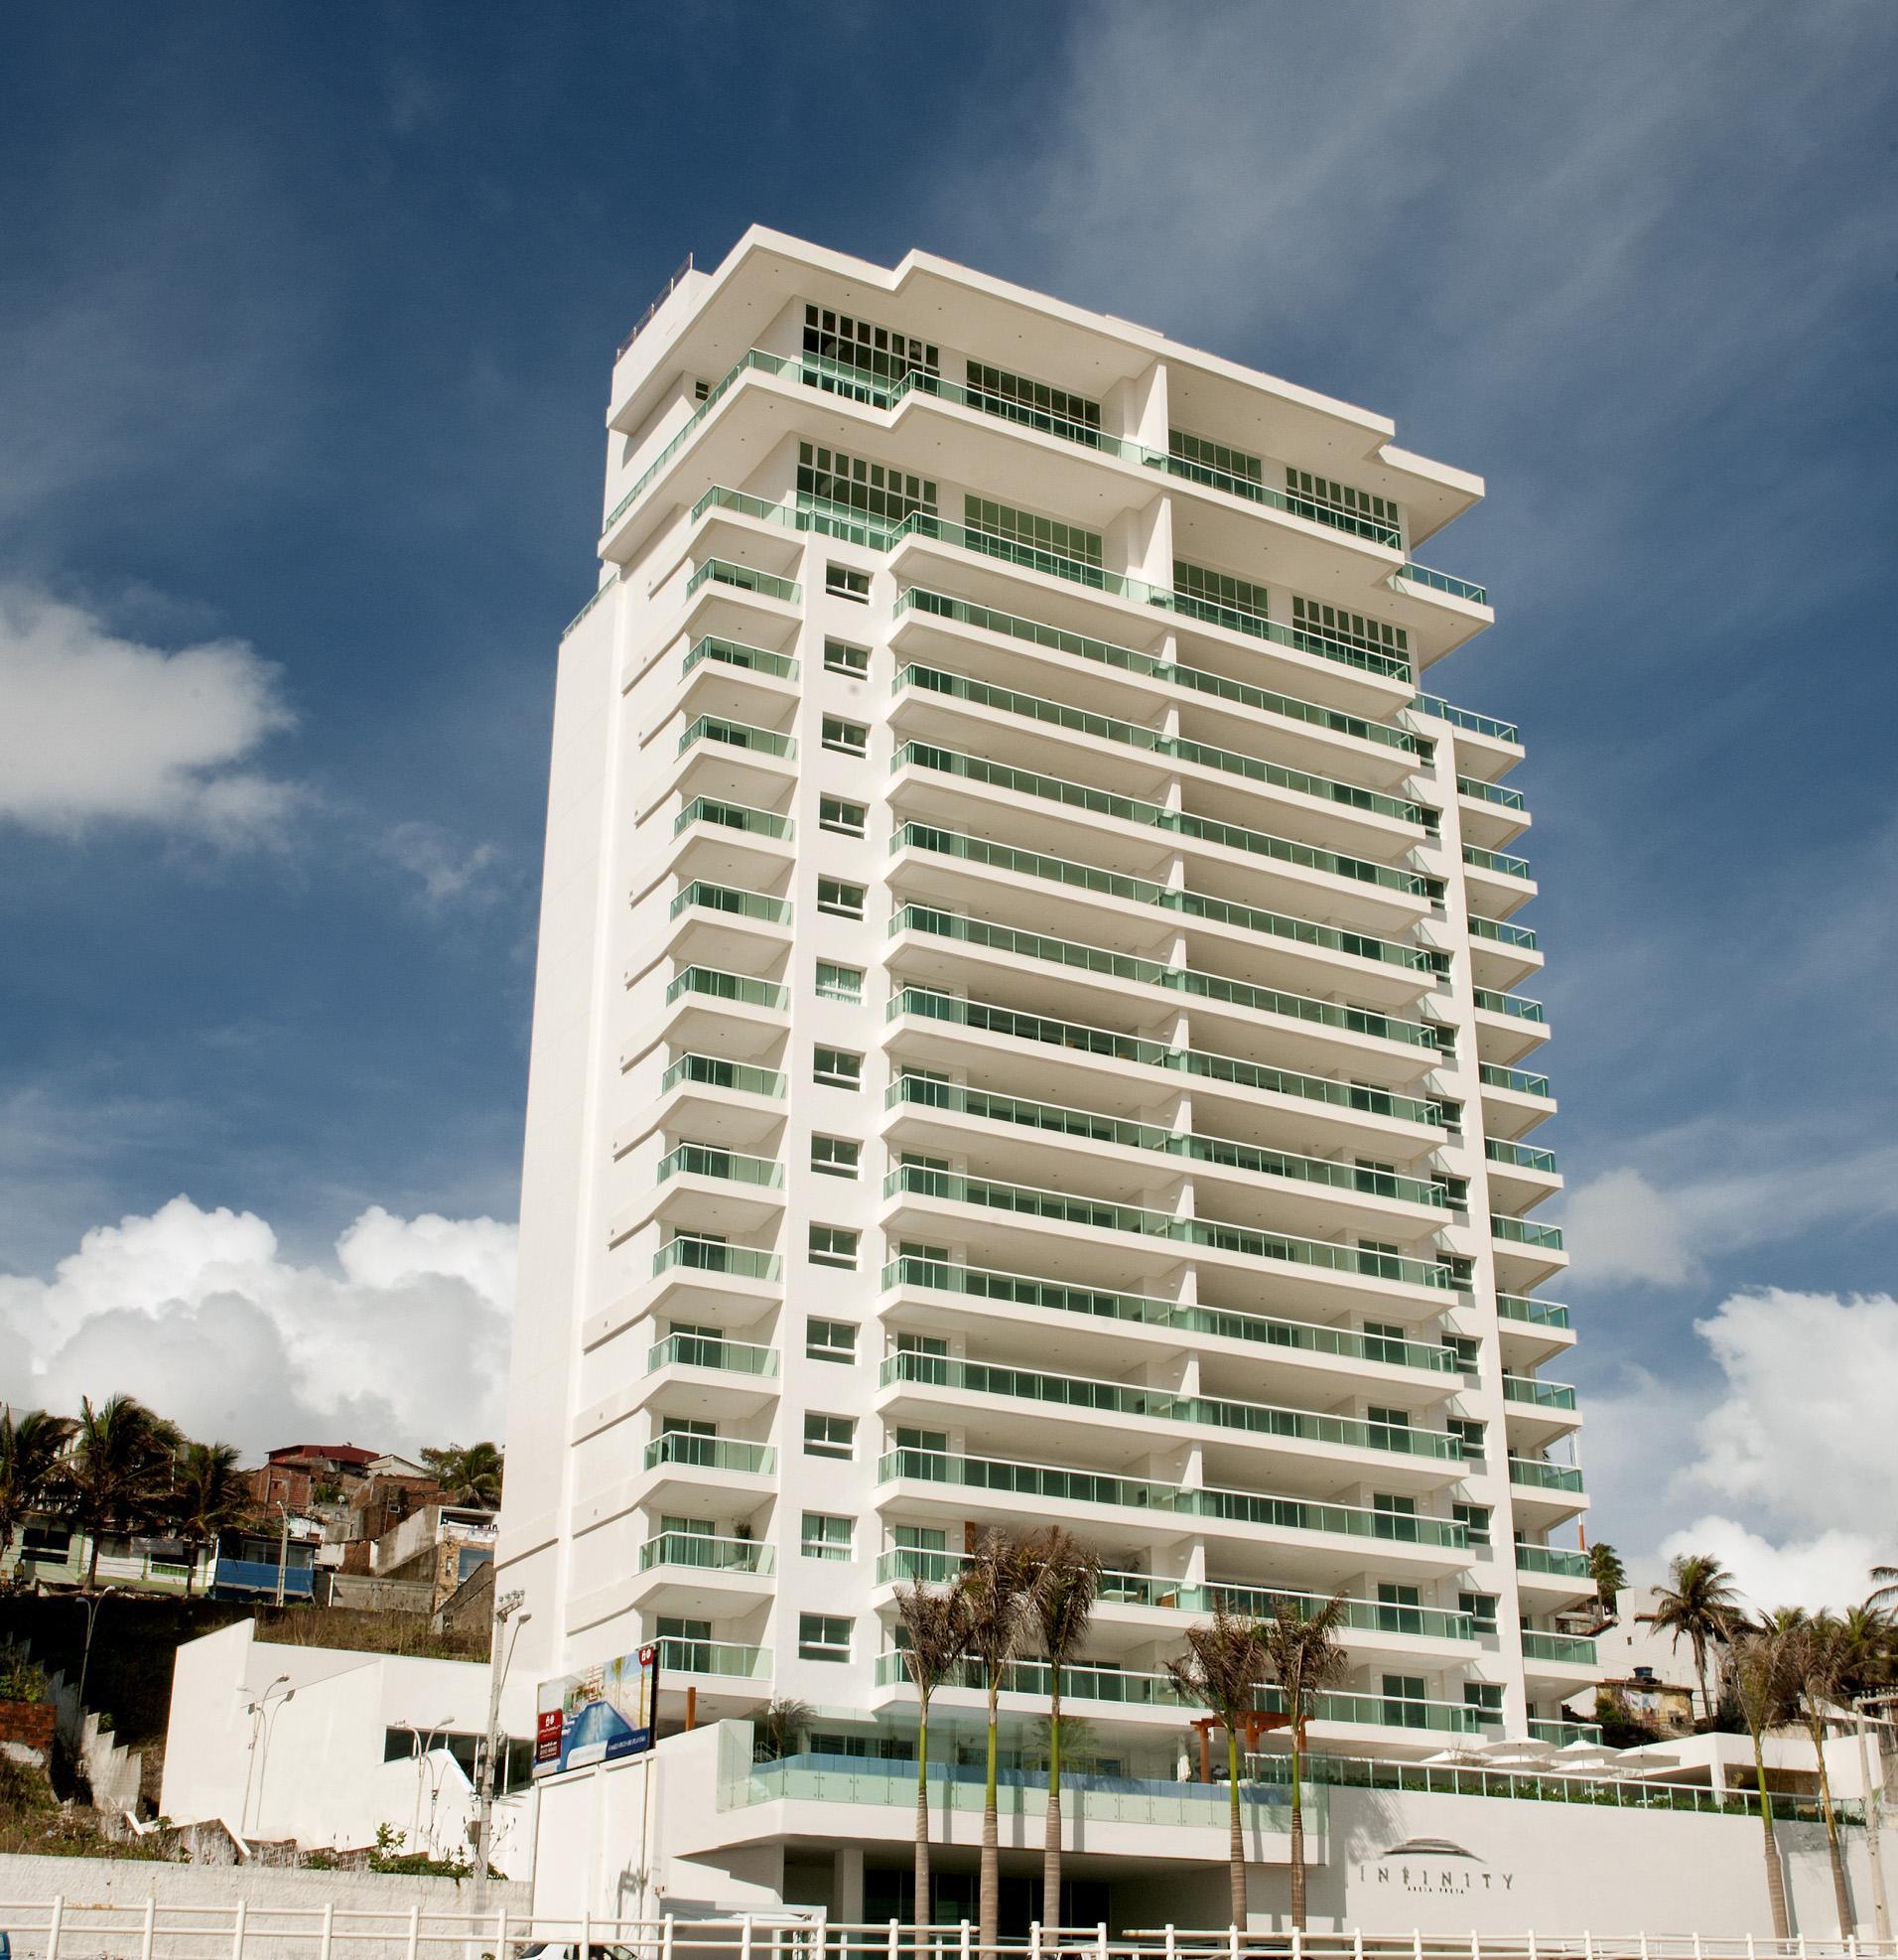 Imóvel pronto | Infinity Areia Preta – Apartamentona  Areia Preta - Natal - Rio Grande do Norte